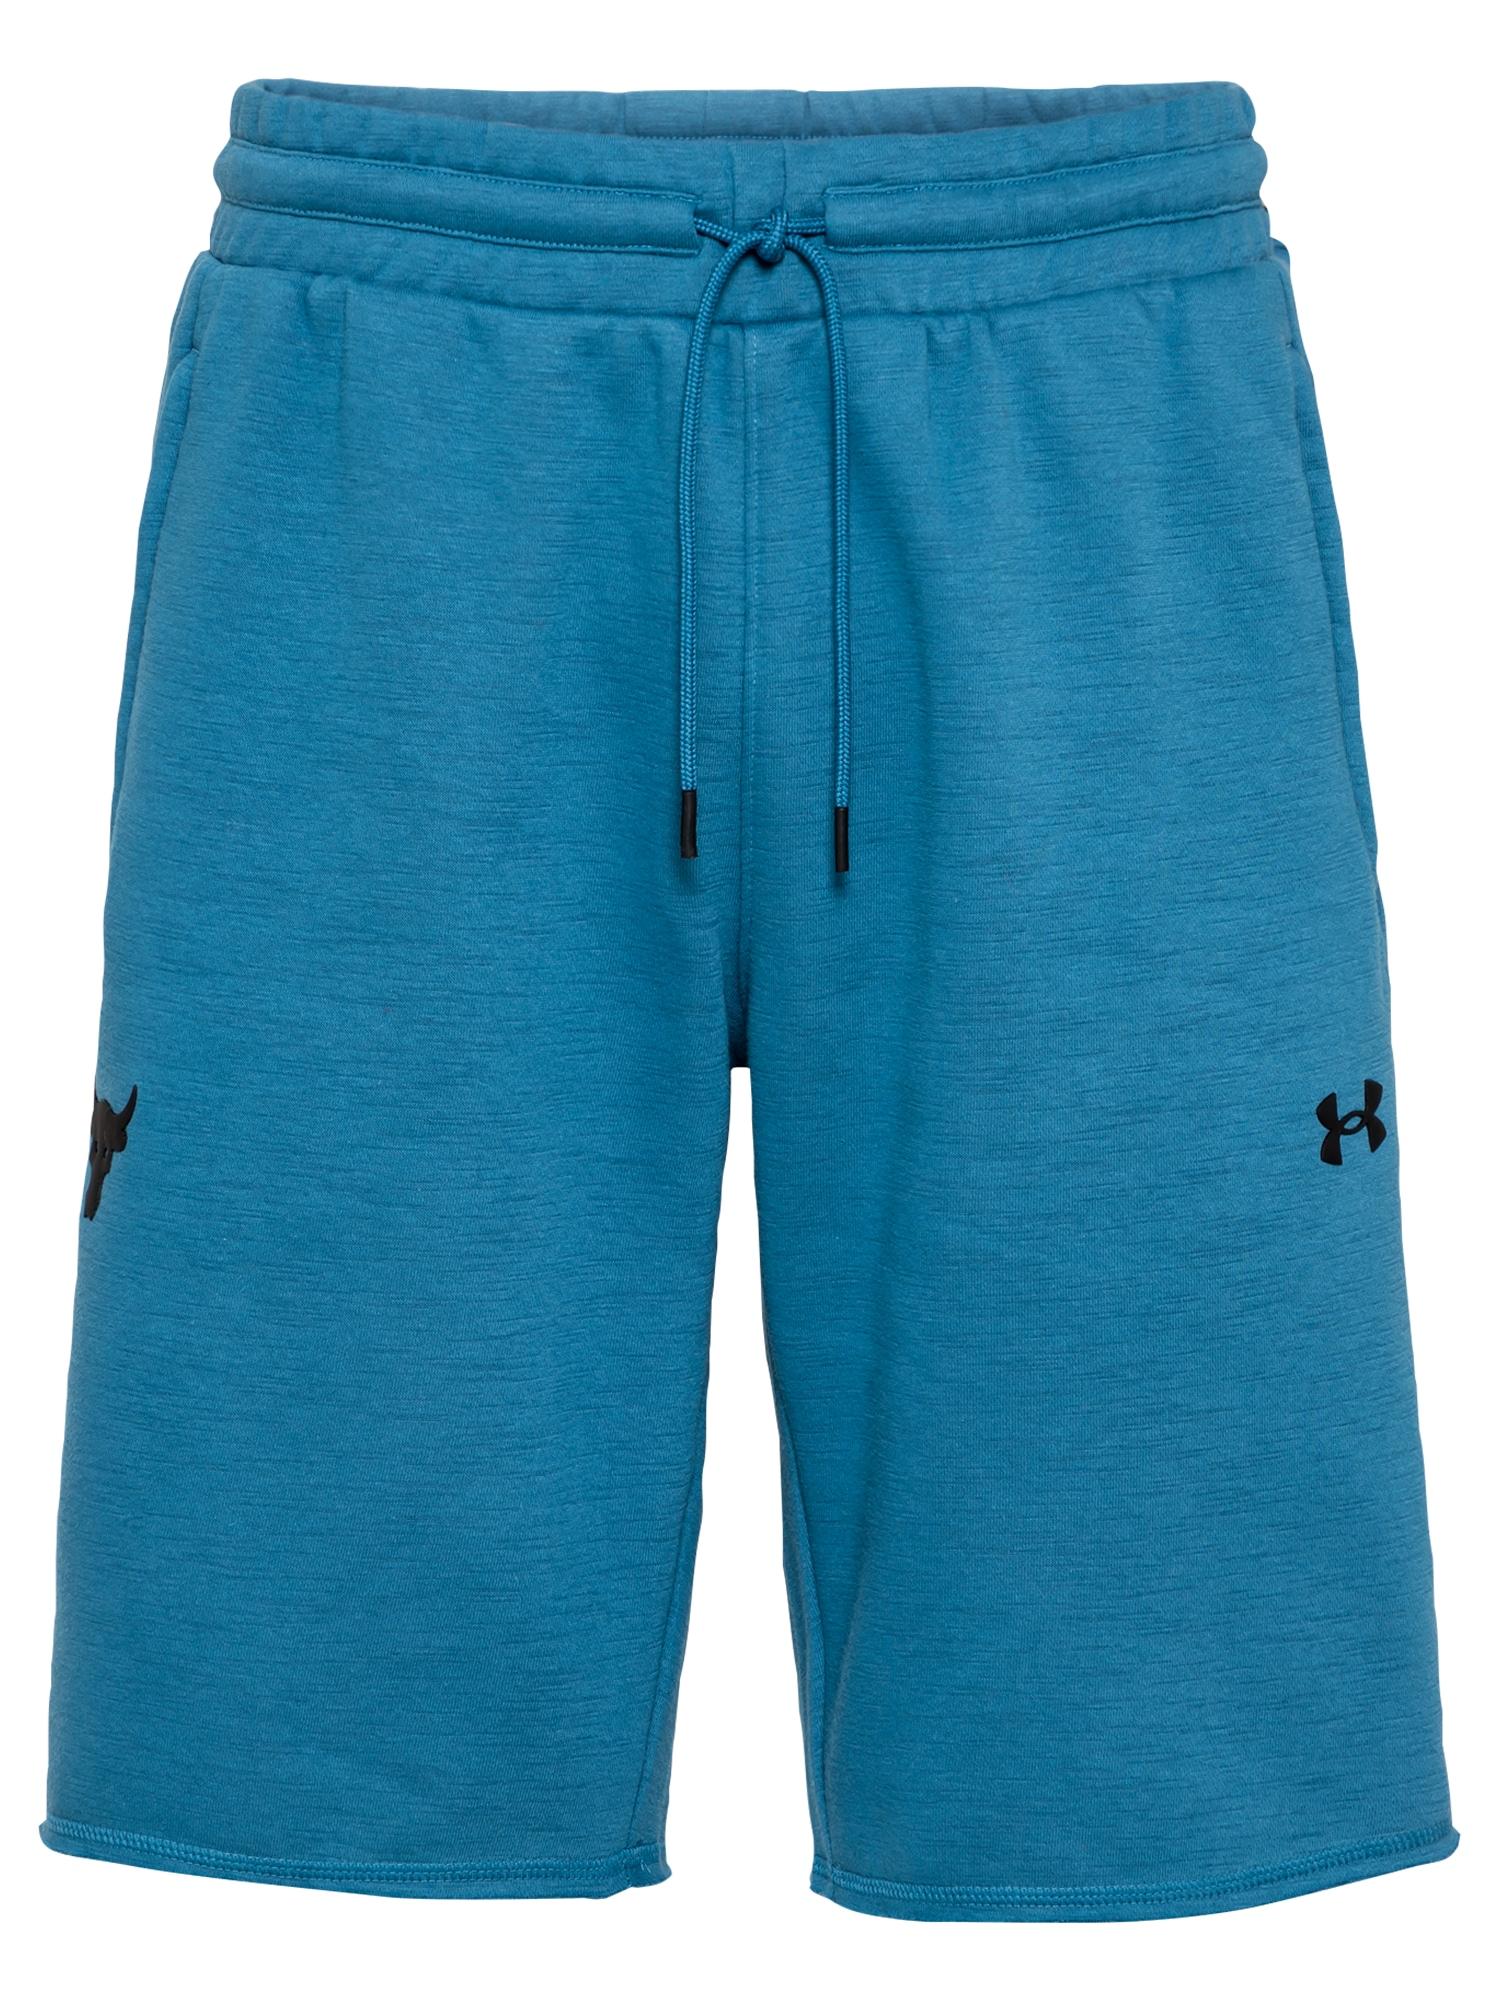 UNDER ARMOUR Sportinės kelnės pastelinė mėlyna / juoda